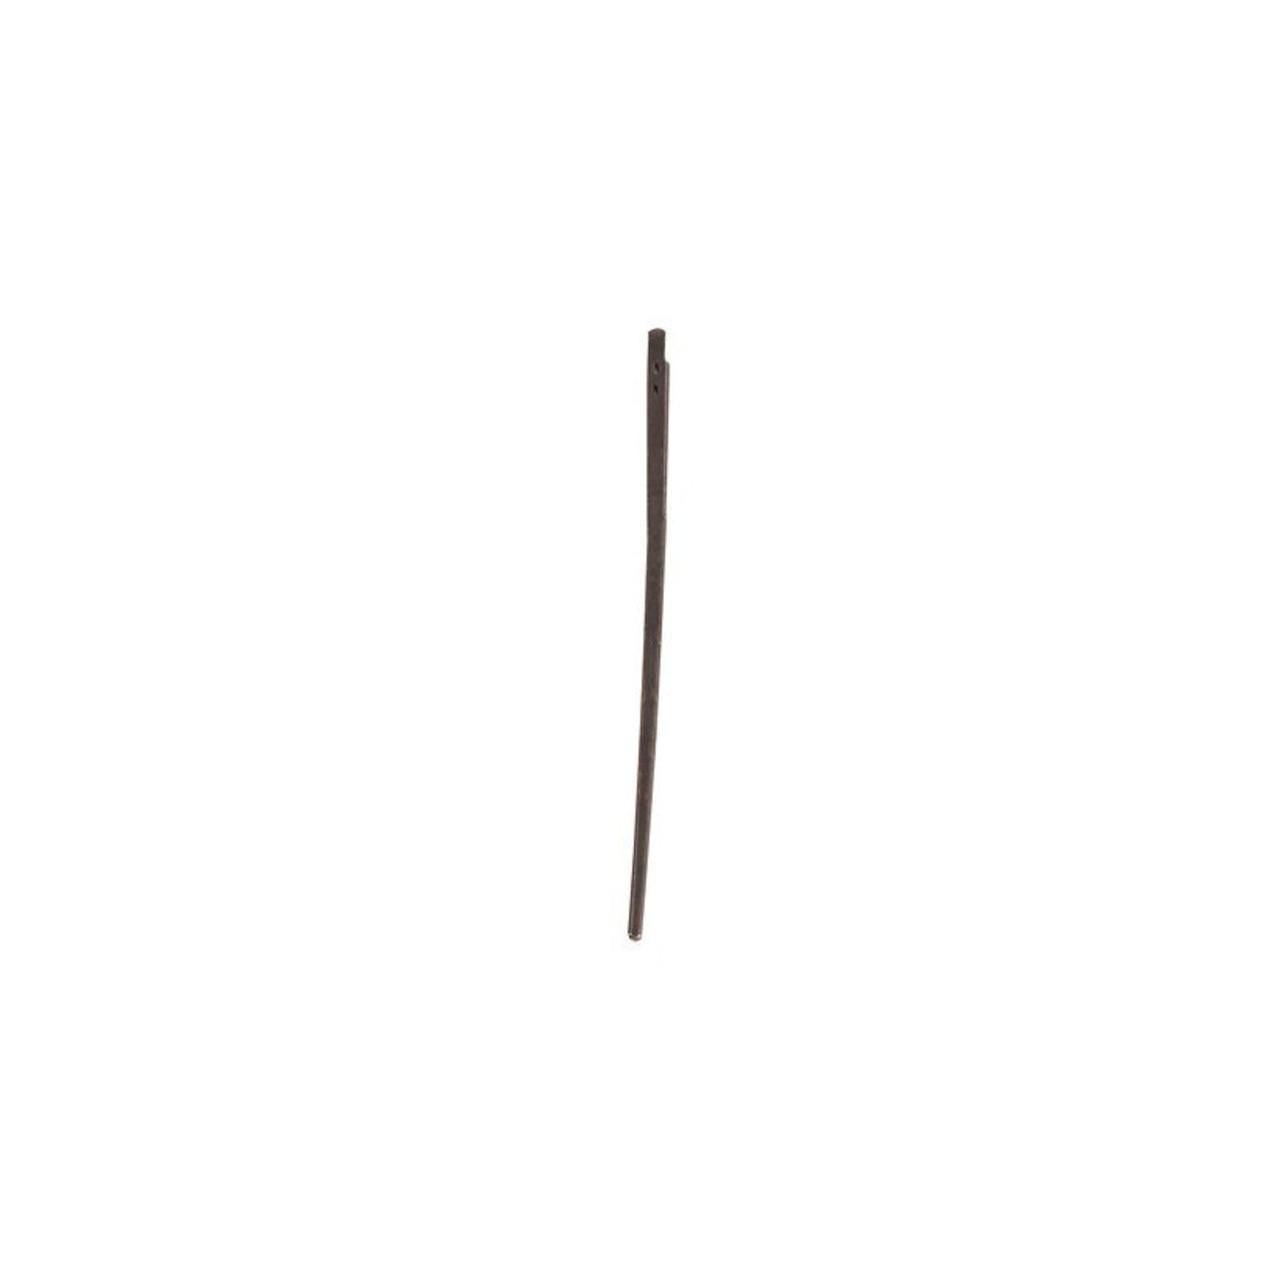 Realeather Lacing Needle 2-Prong 10 Pack Single